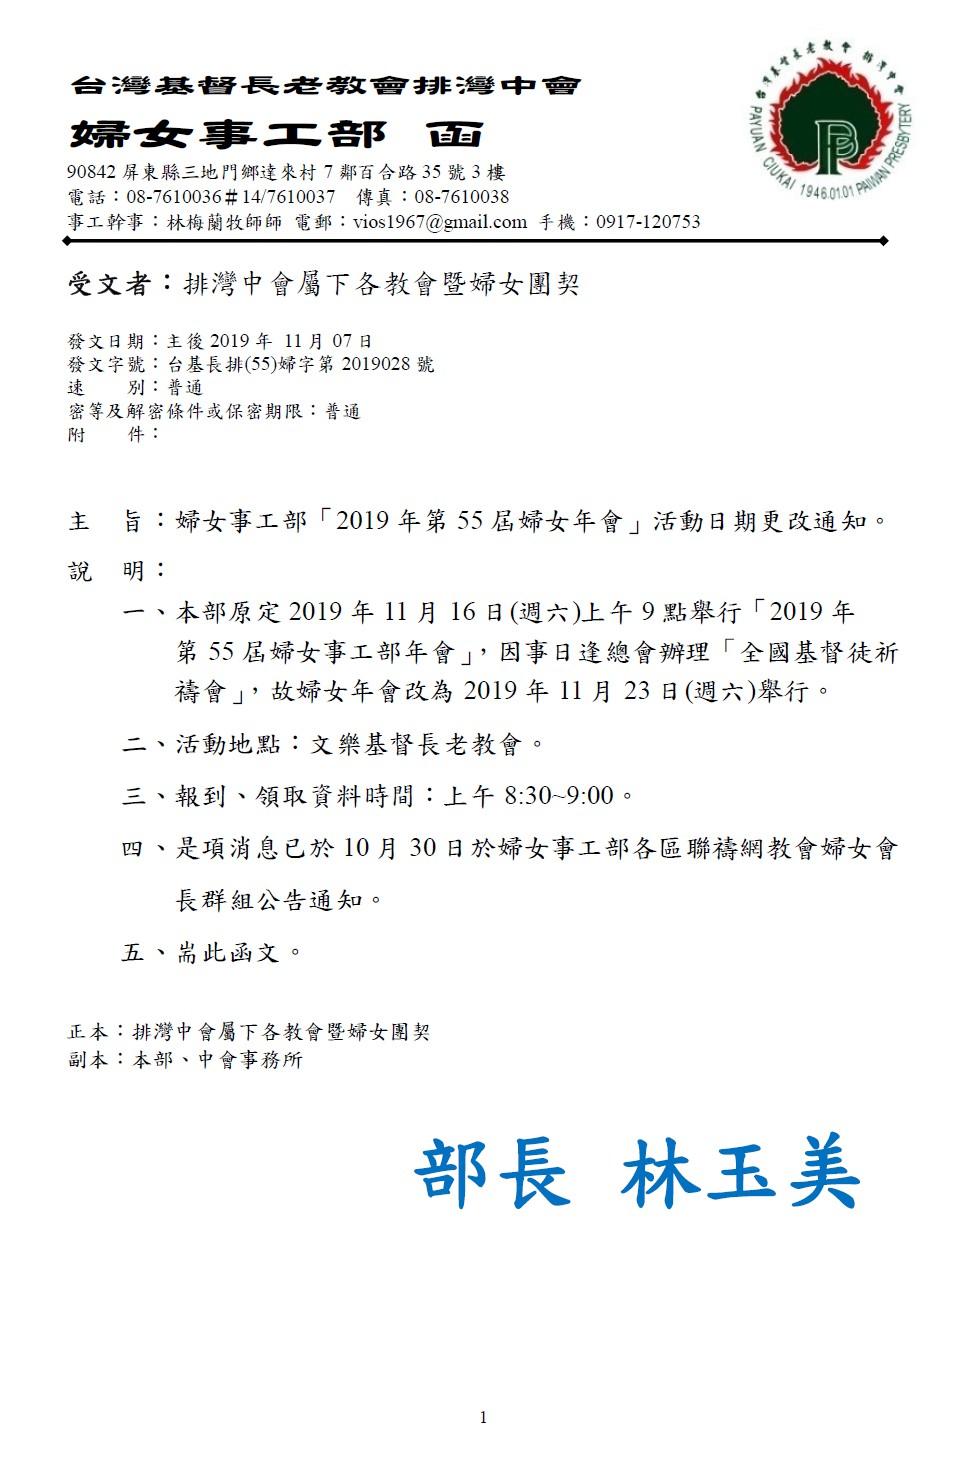 11/23(六)婦女事工部「2019年第55屆女年會」於文樂教會